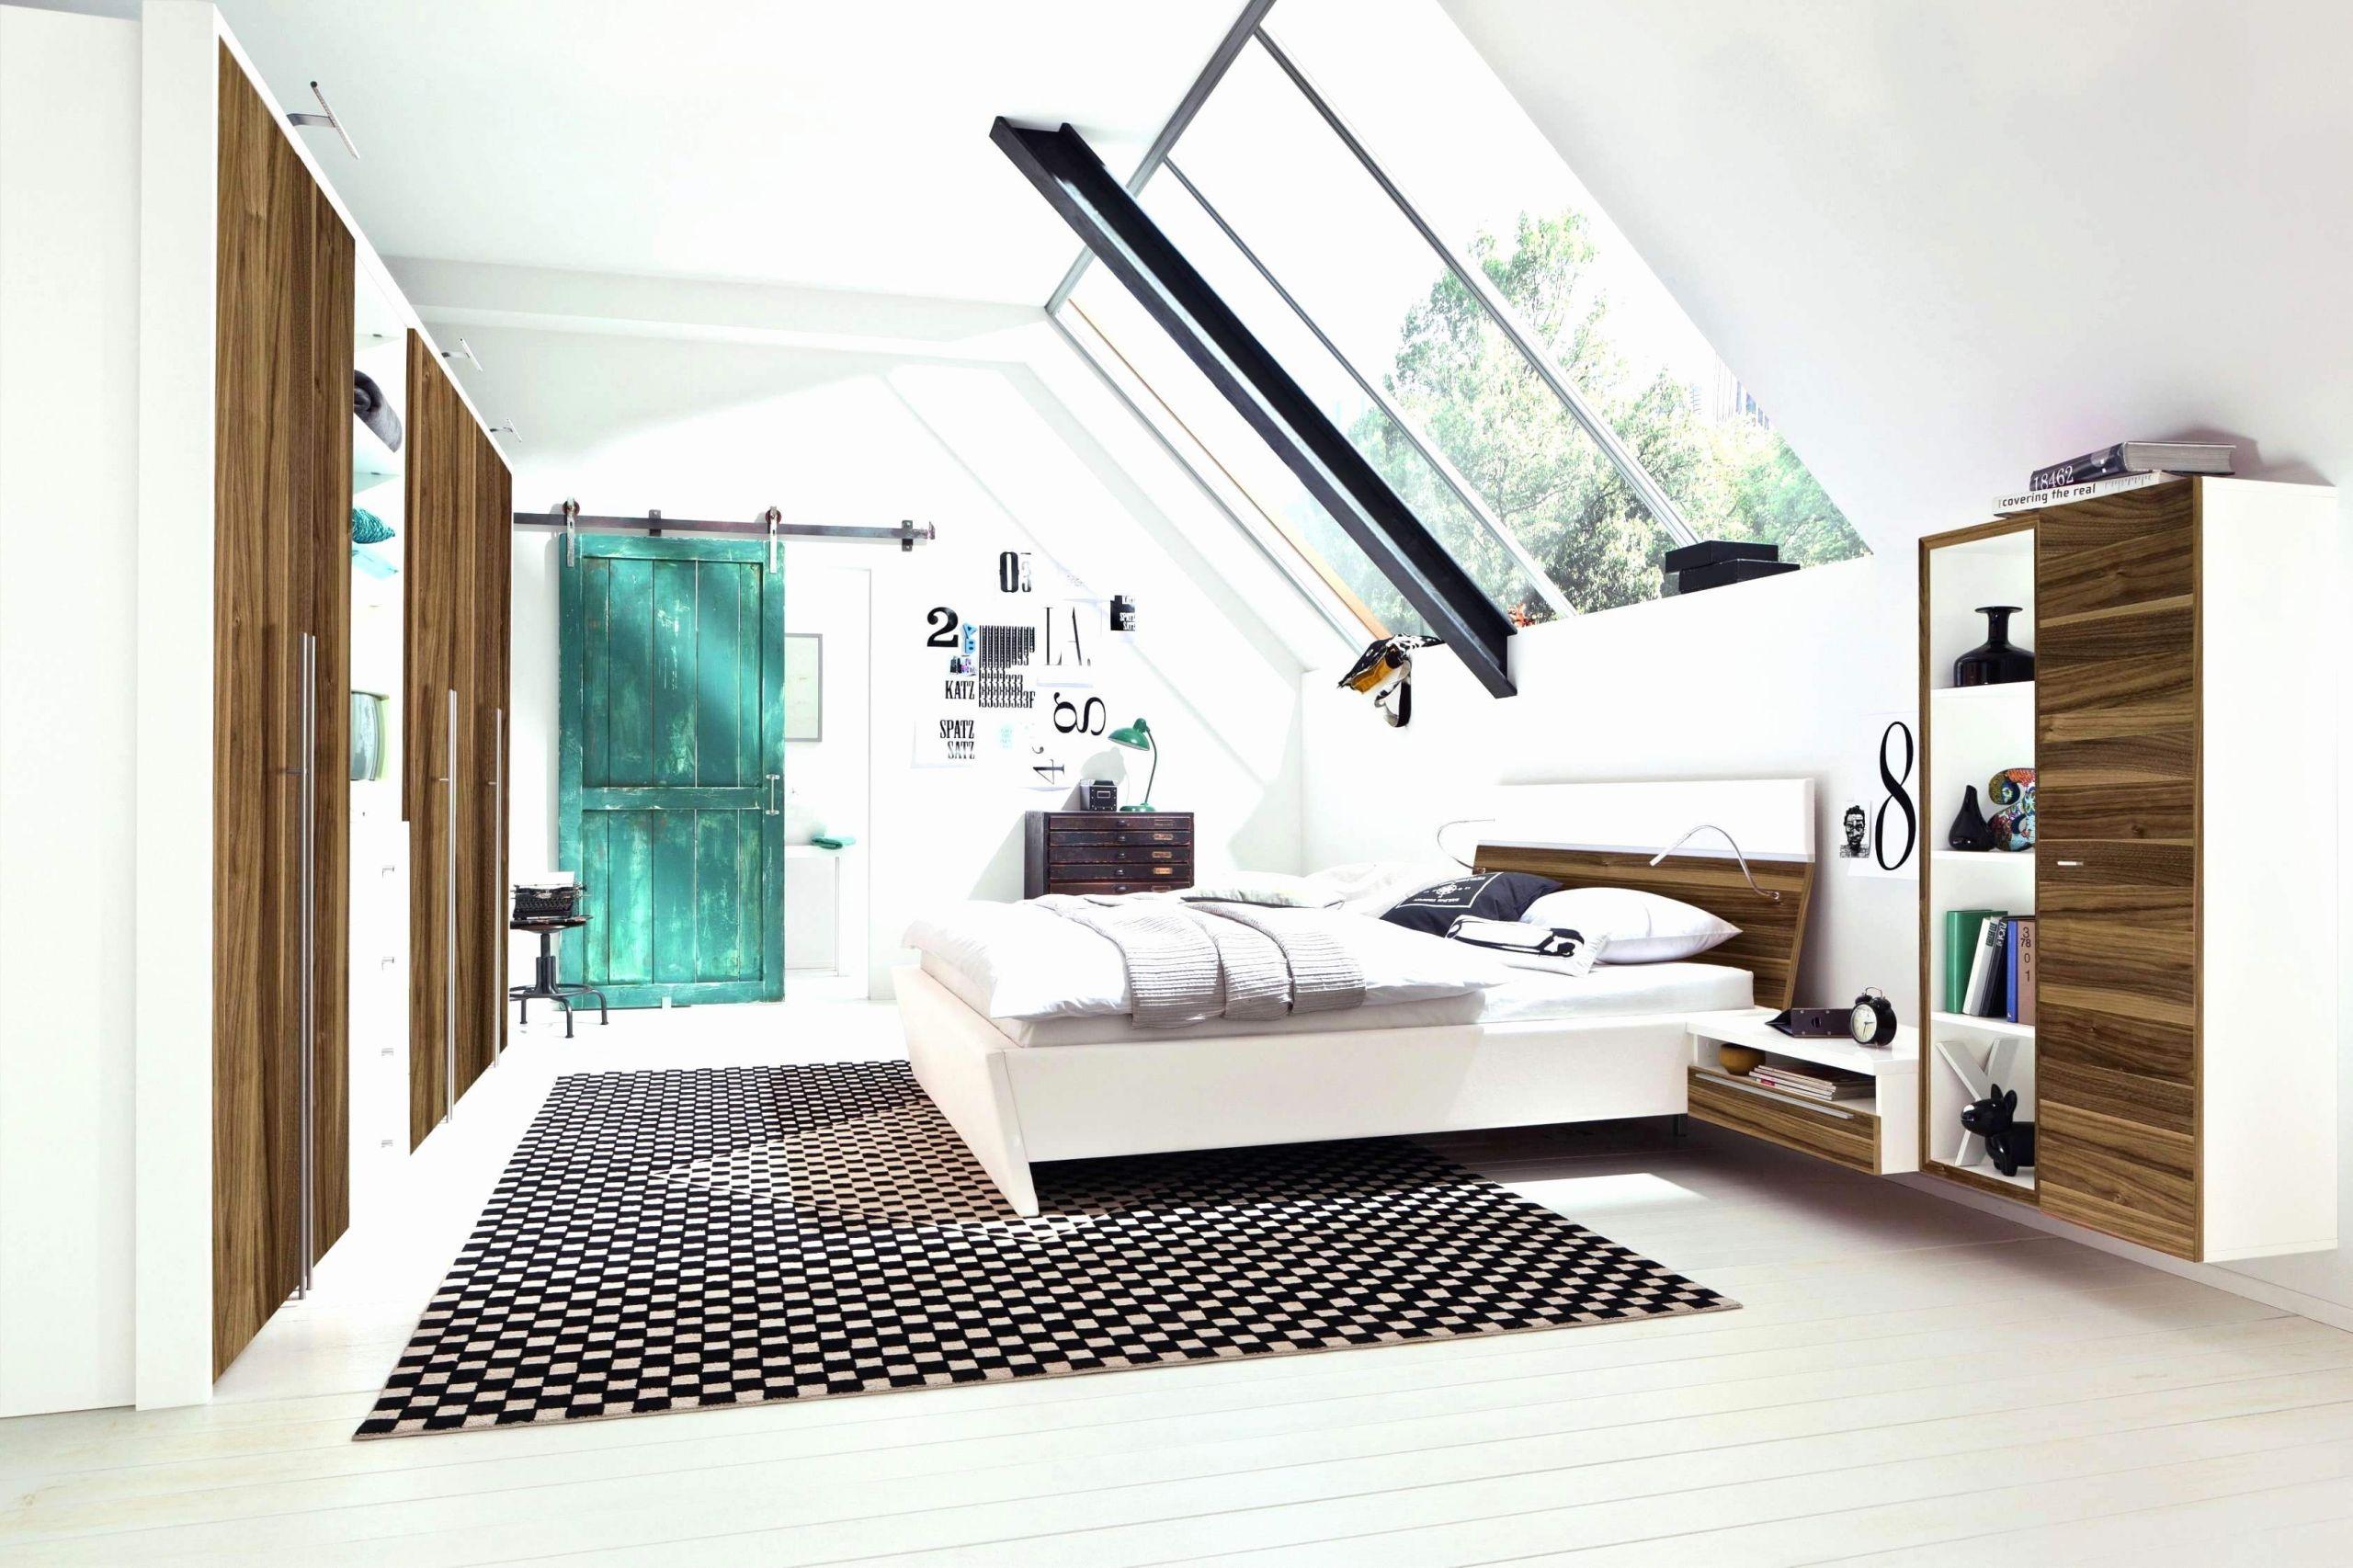 dekoartikel wohnzimmer luxus wohnzimmer wand elegant best bilder von deko wohnzimmer wand of dekoartikel wohnzimmer